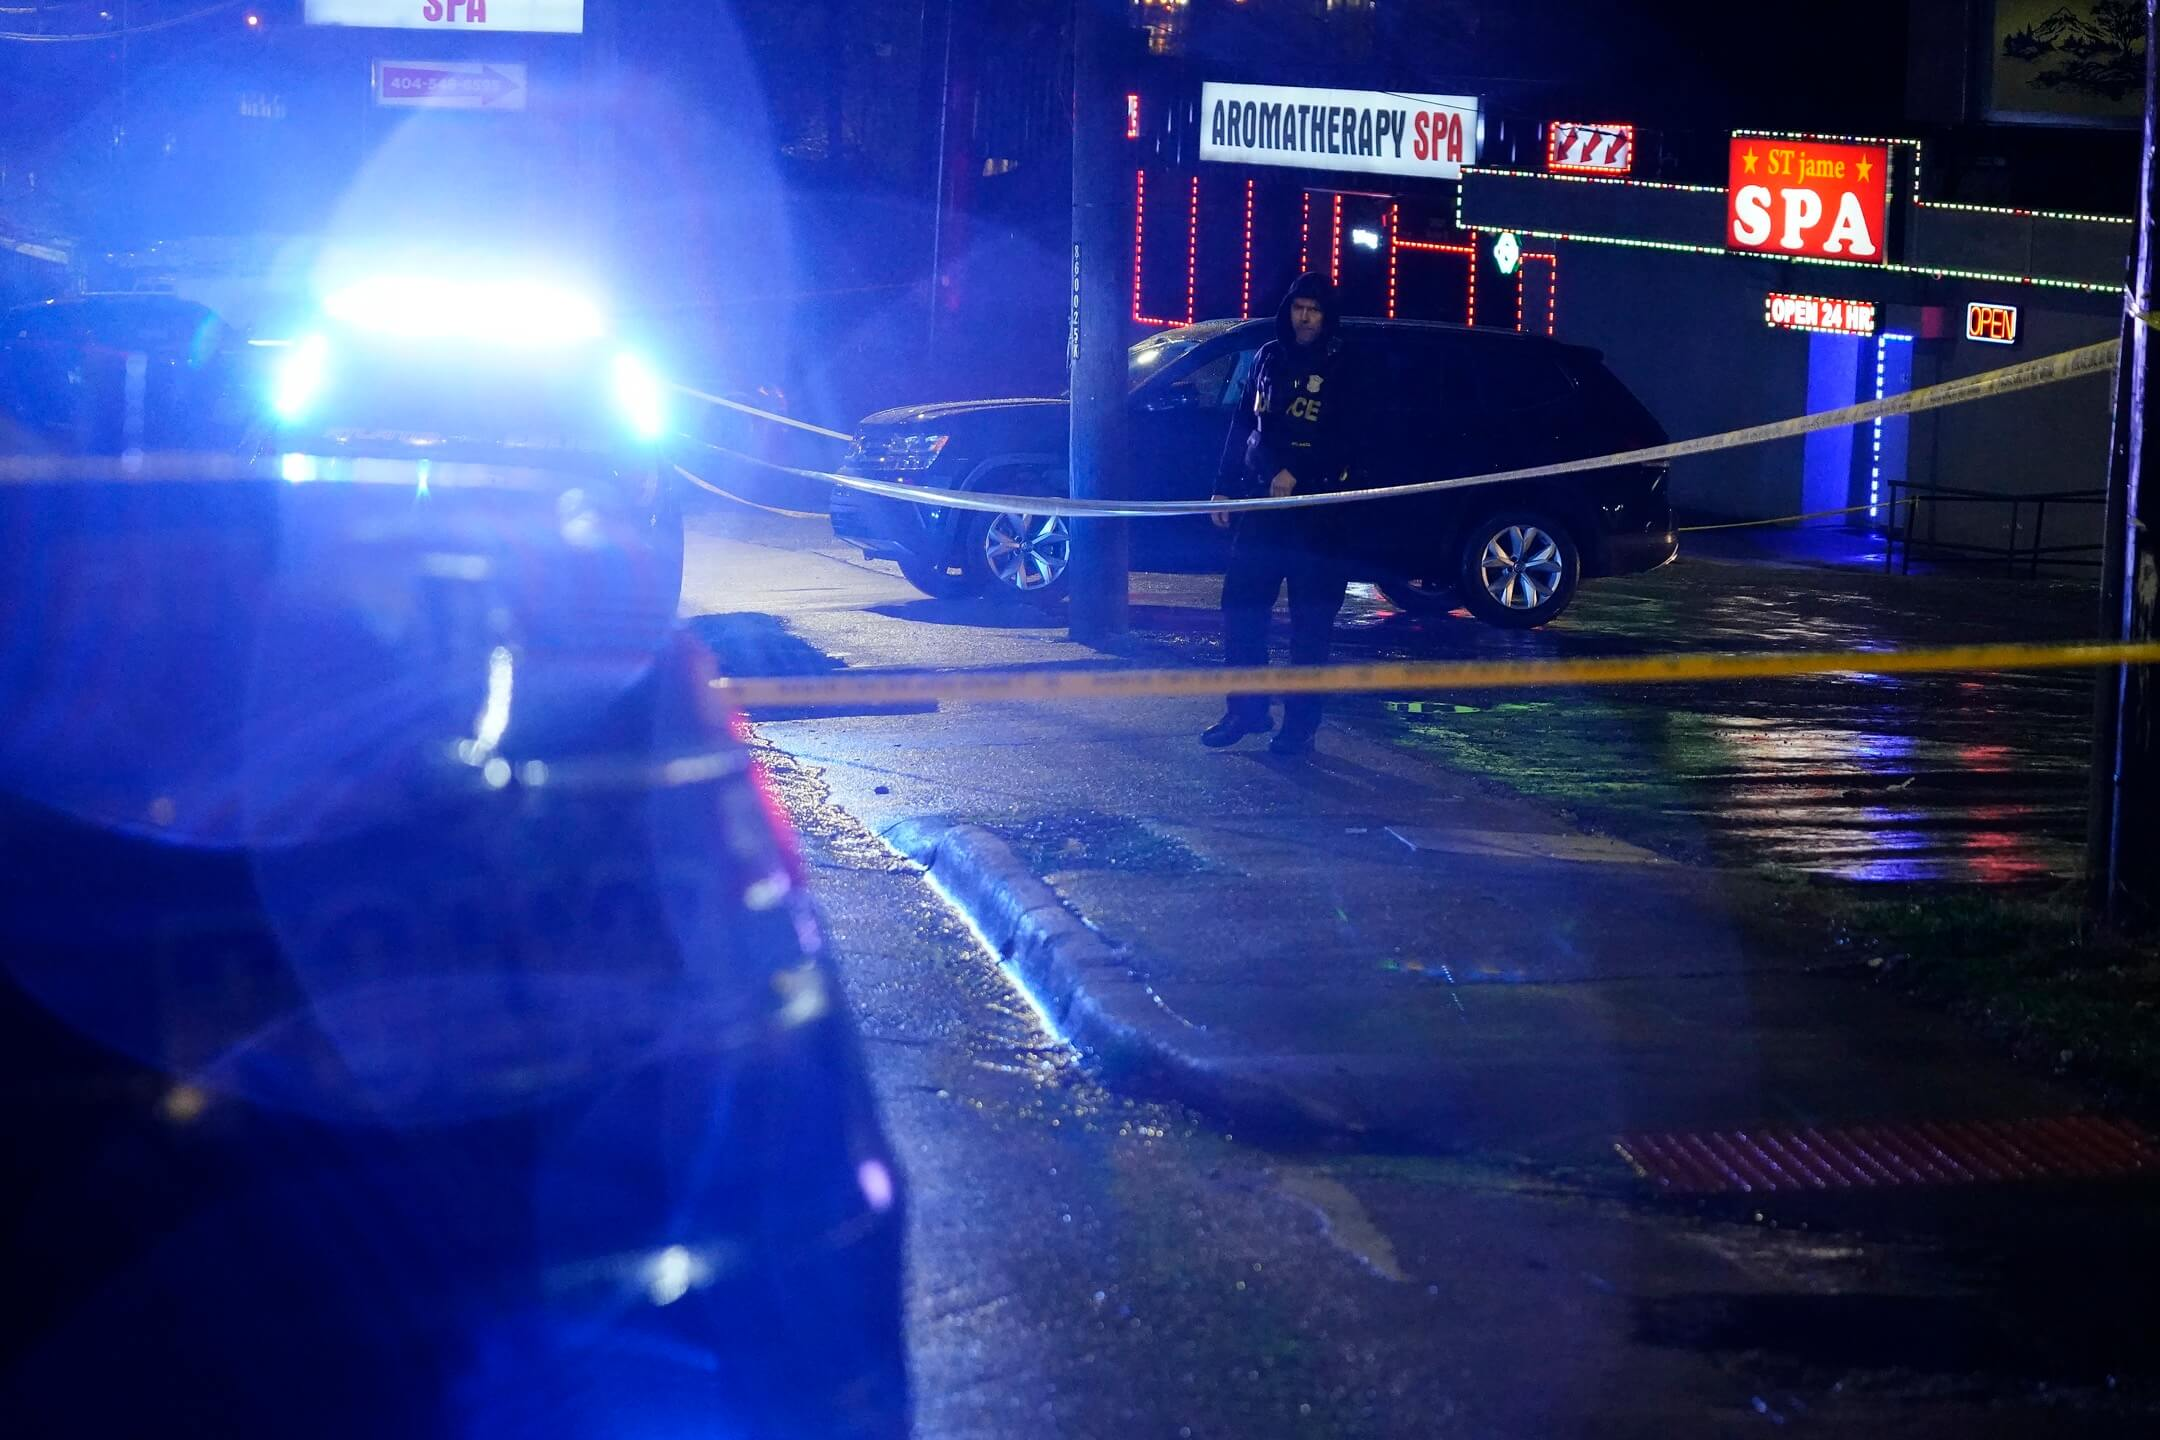 2021年3月16日,美國佐治亞州亞特蘭大市發生槍擊案,事件造成8人死亡,其中6名為亞裔女性。圖為當晚警員到場後設起封鎖線。 攝:Brynn Anderson/AP/達志影像